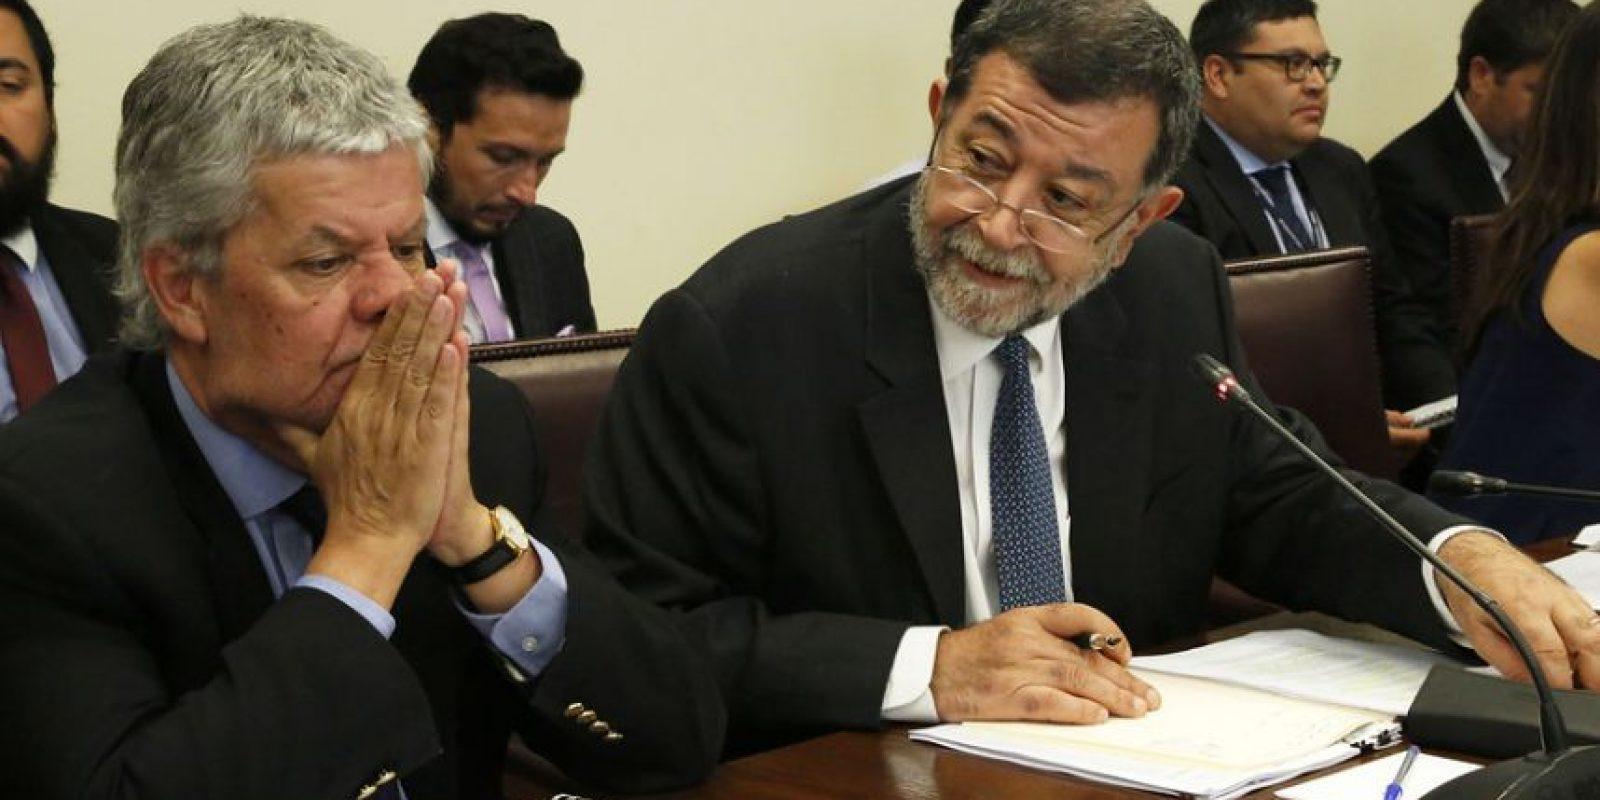 Los senadores integrantes de la Comisión de Gobiermo dieron el visto bueno a la iniciativa por unanimidad. Foto:Aton. Imagen Por: